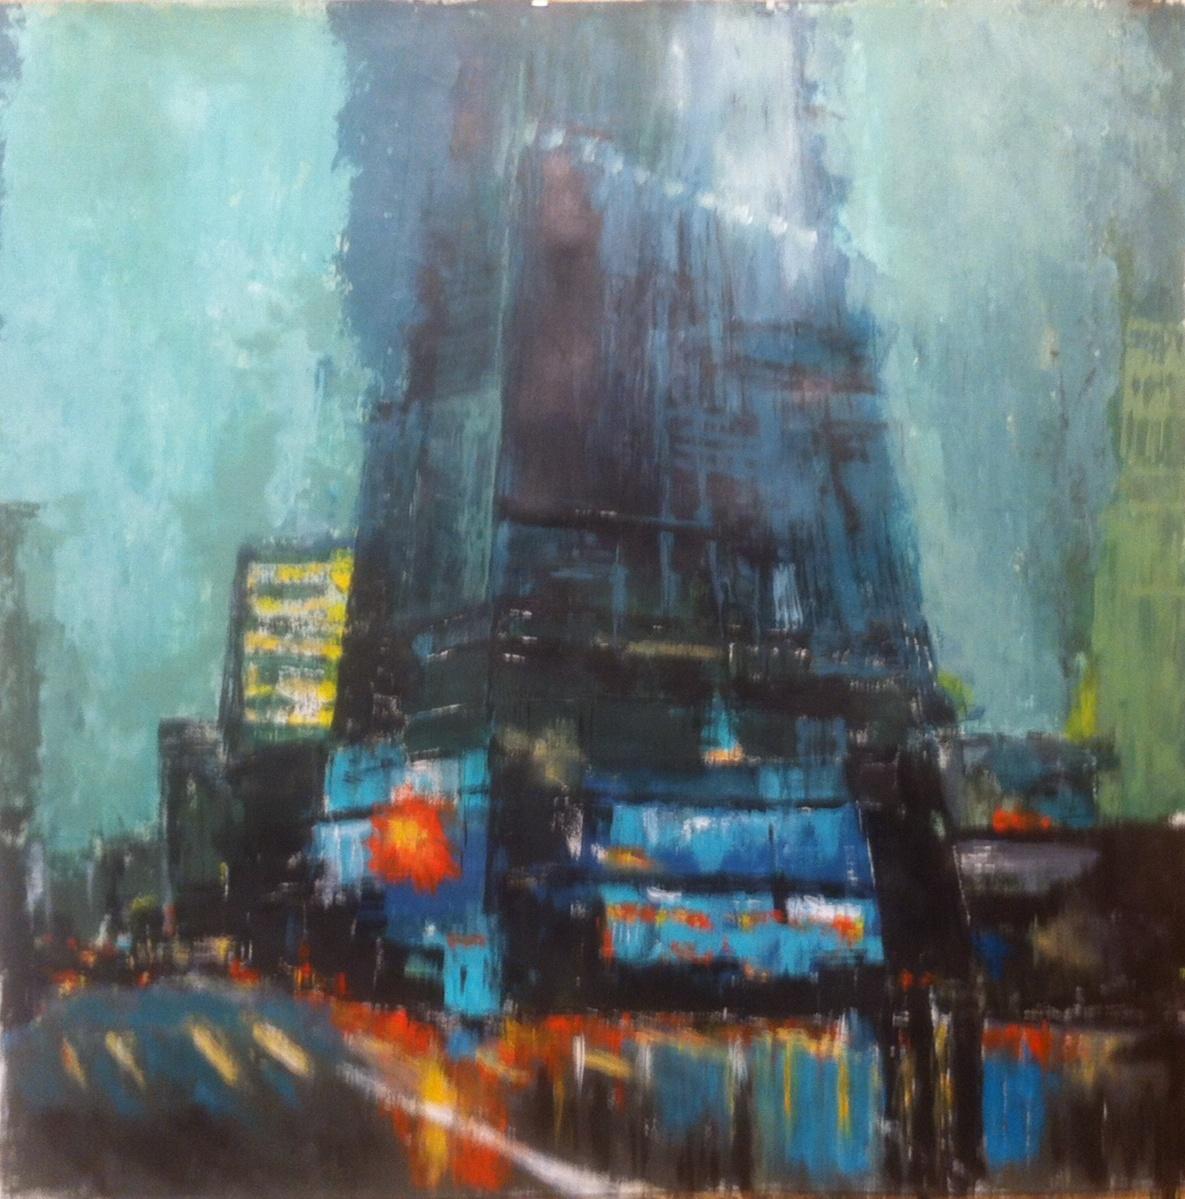 N°1744 - NY avenue - Acrylique sur papier - 65 x 65 cm - 11 janvier 2015